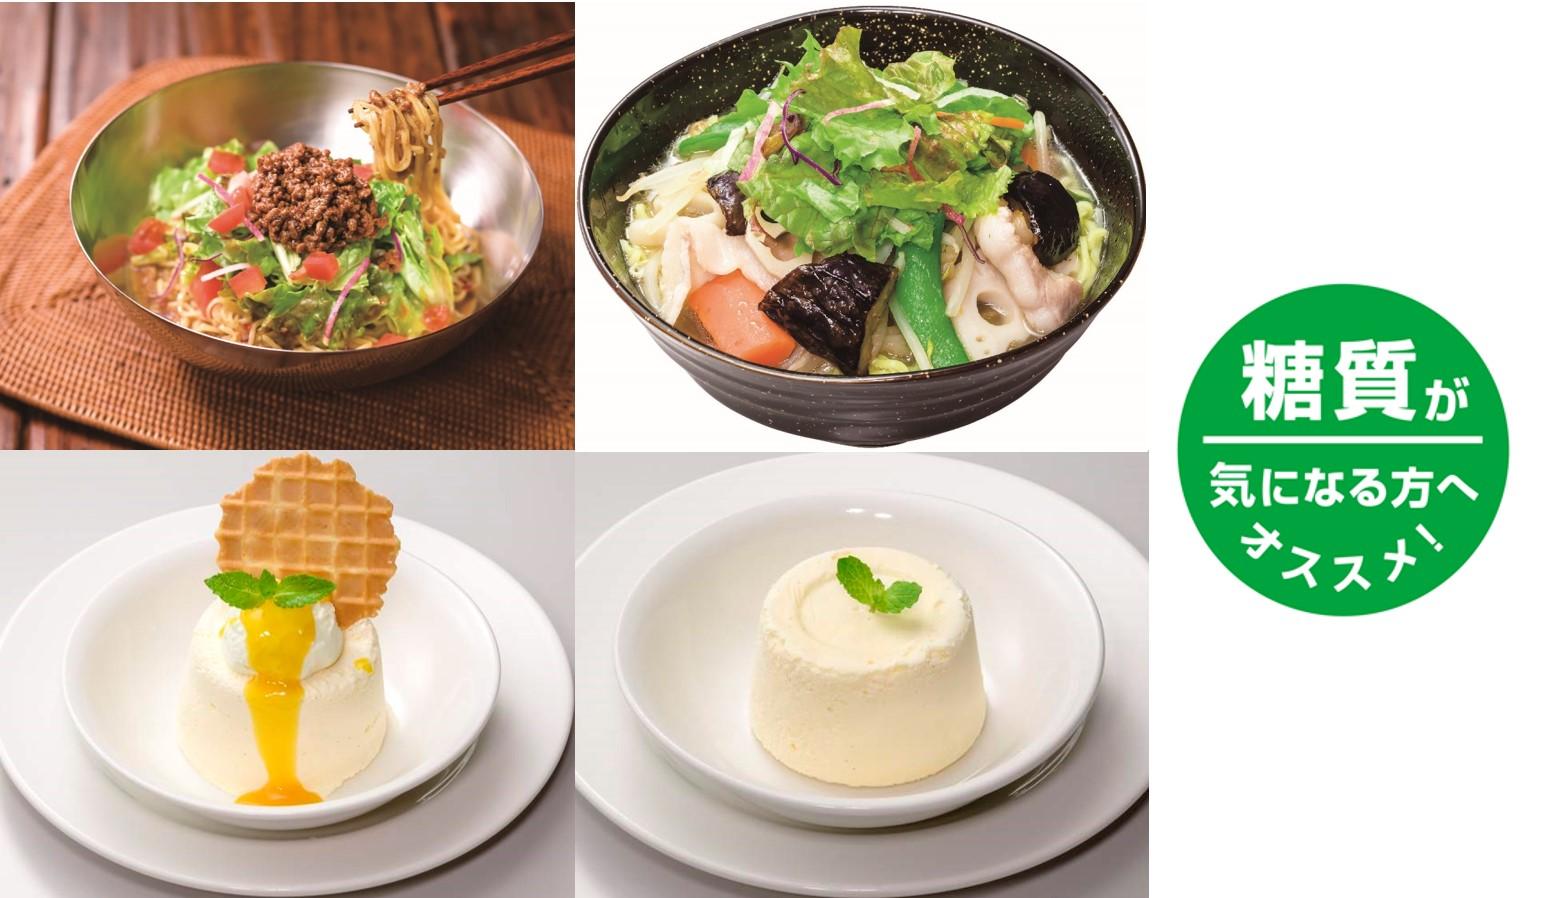 「健康感」の新メニュー。上段左から、冷やしサラダタンタン麺、1日分の野菜のベジ塩タンメン。下段左からマンゴーとマスカルポーネのバニラアイスケーキ、糖質控えめ・バニラアイスケーキ